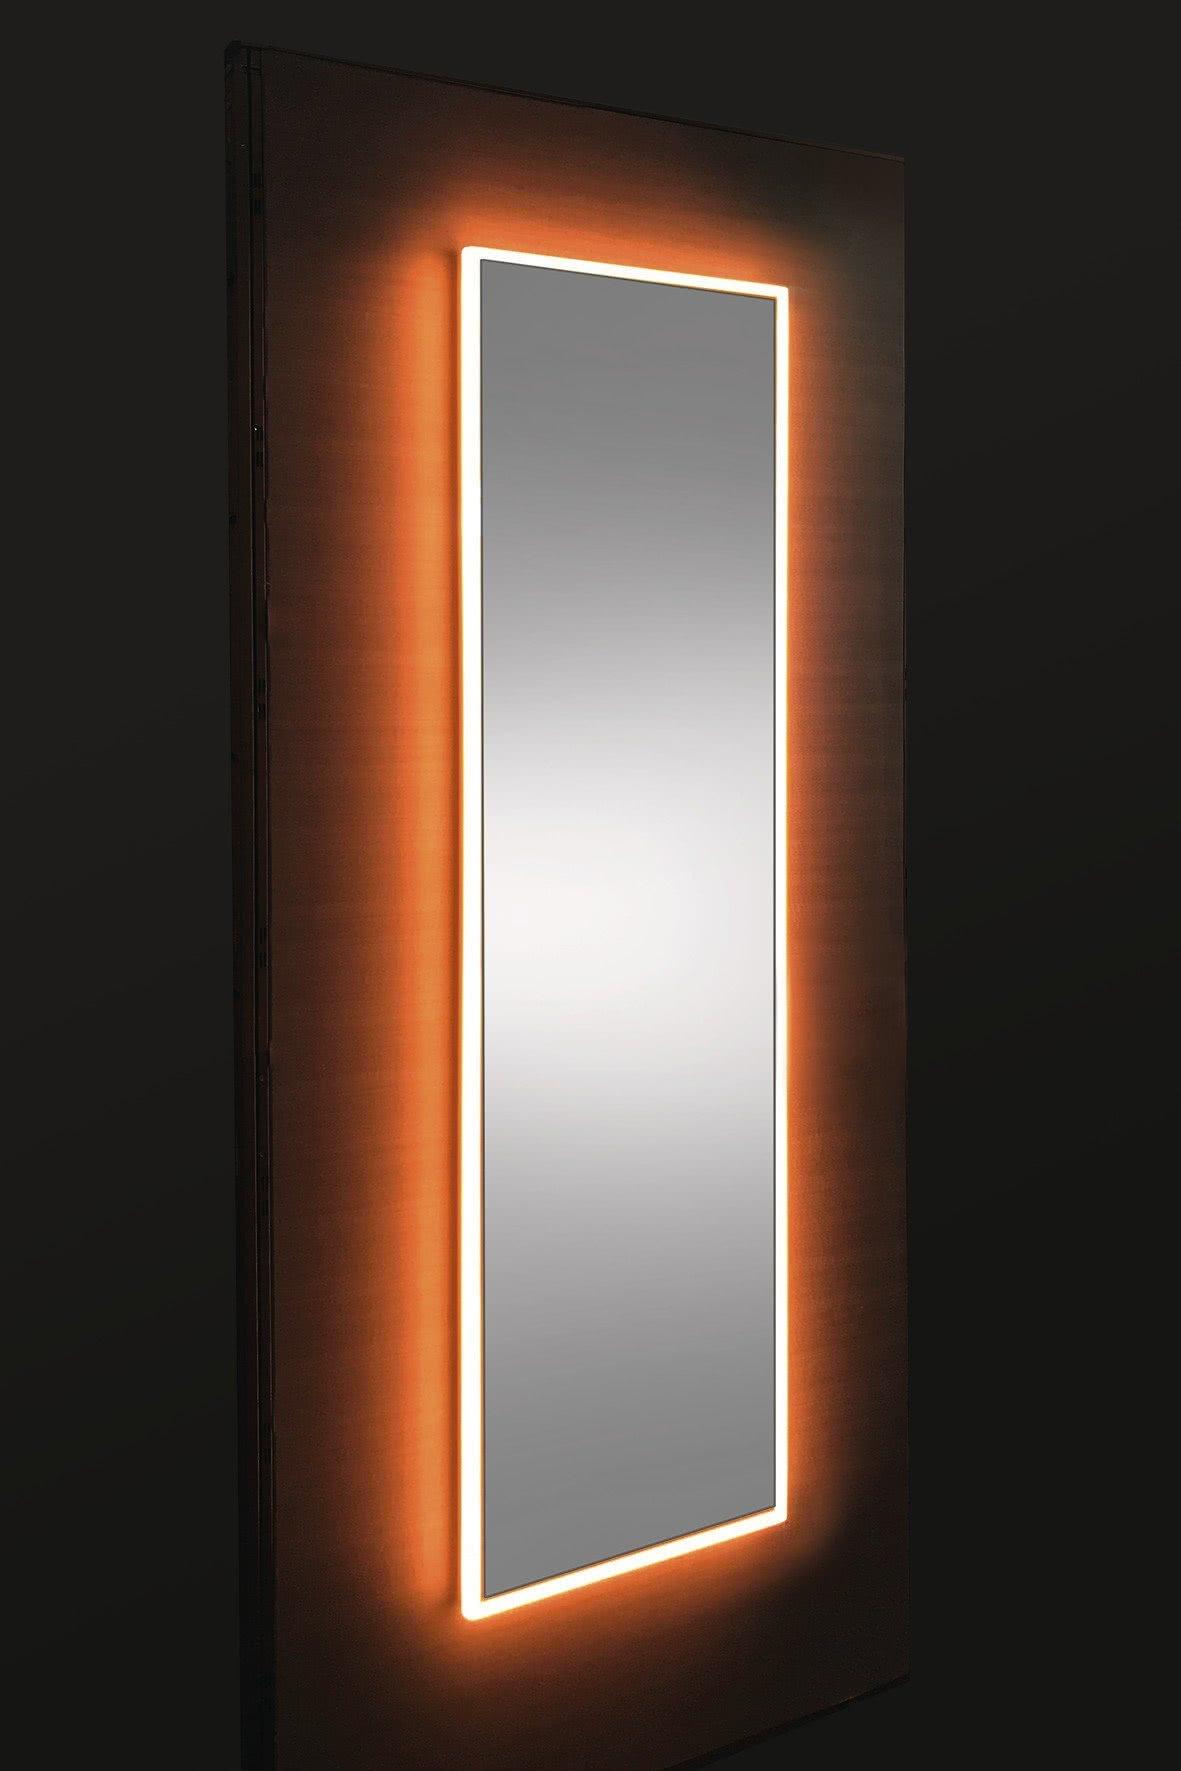 Badezimmer Badewelten Traumbad Schneider A-Line LED 01